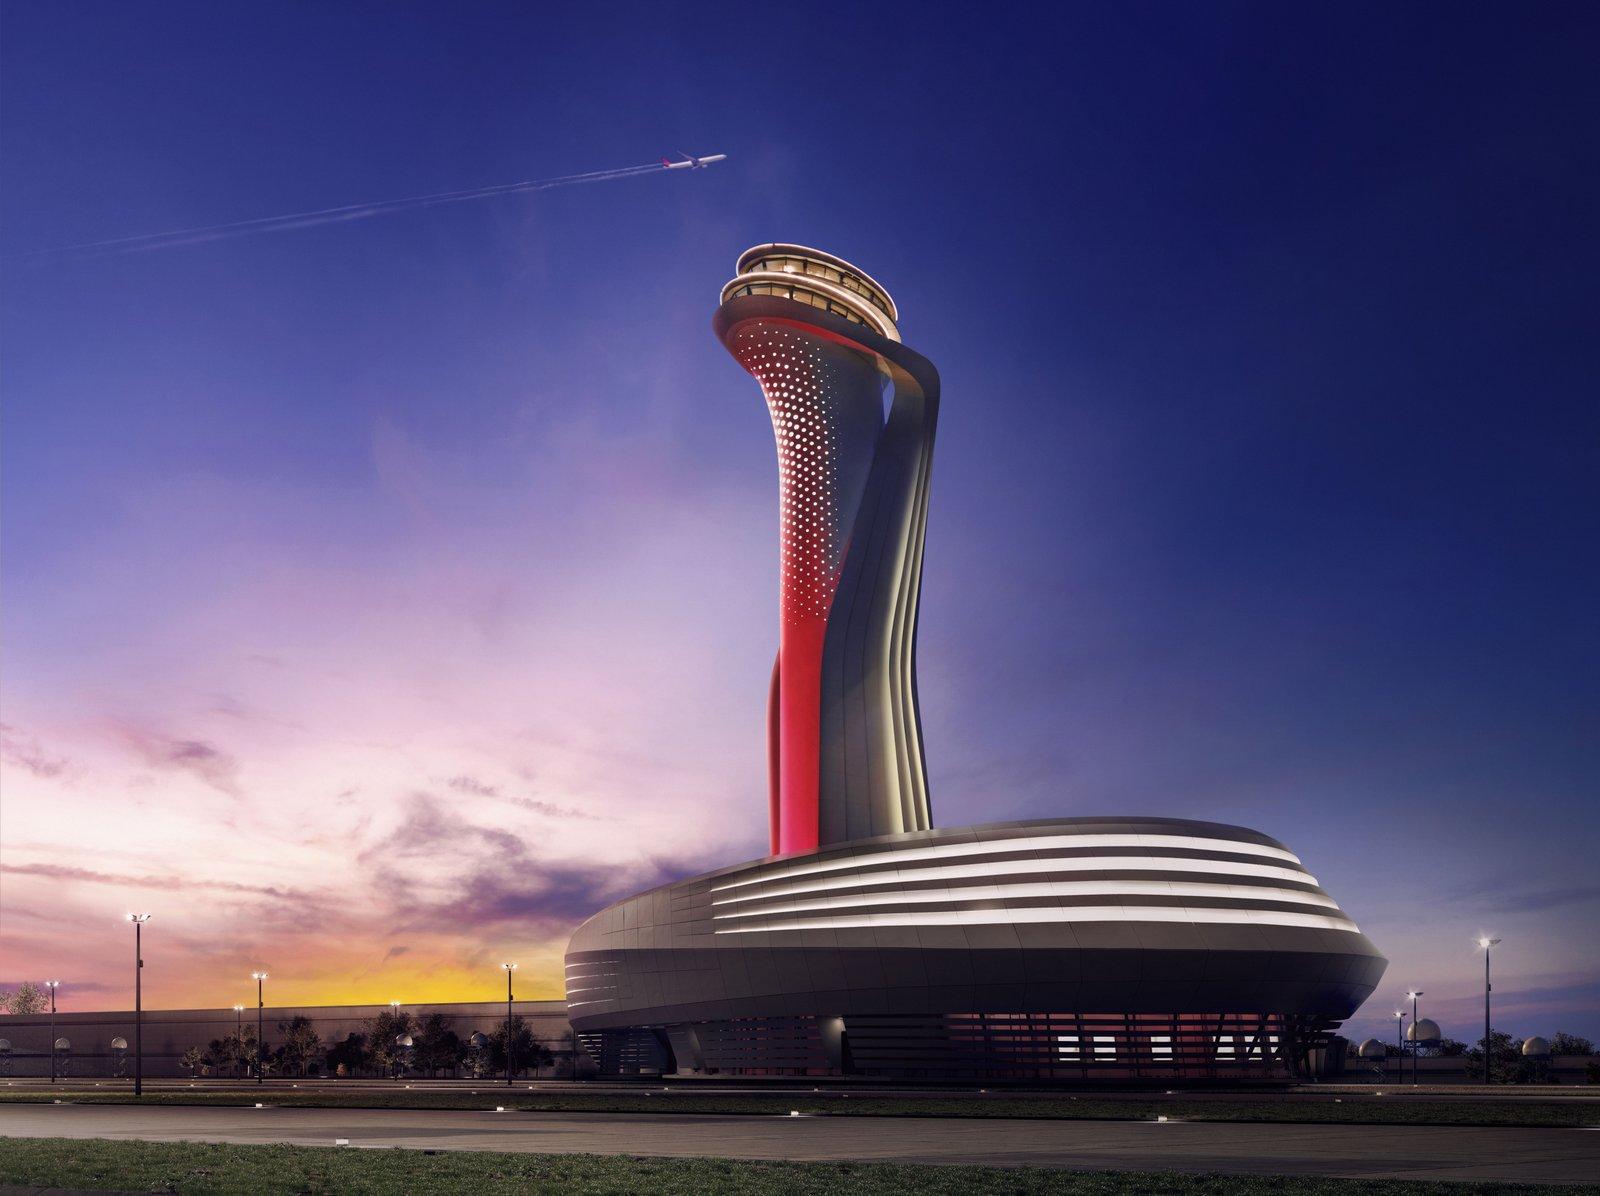 A torre de controlo em forma de tulipa